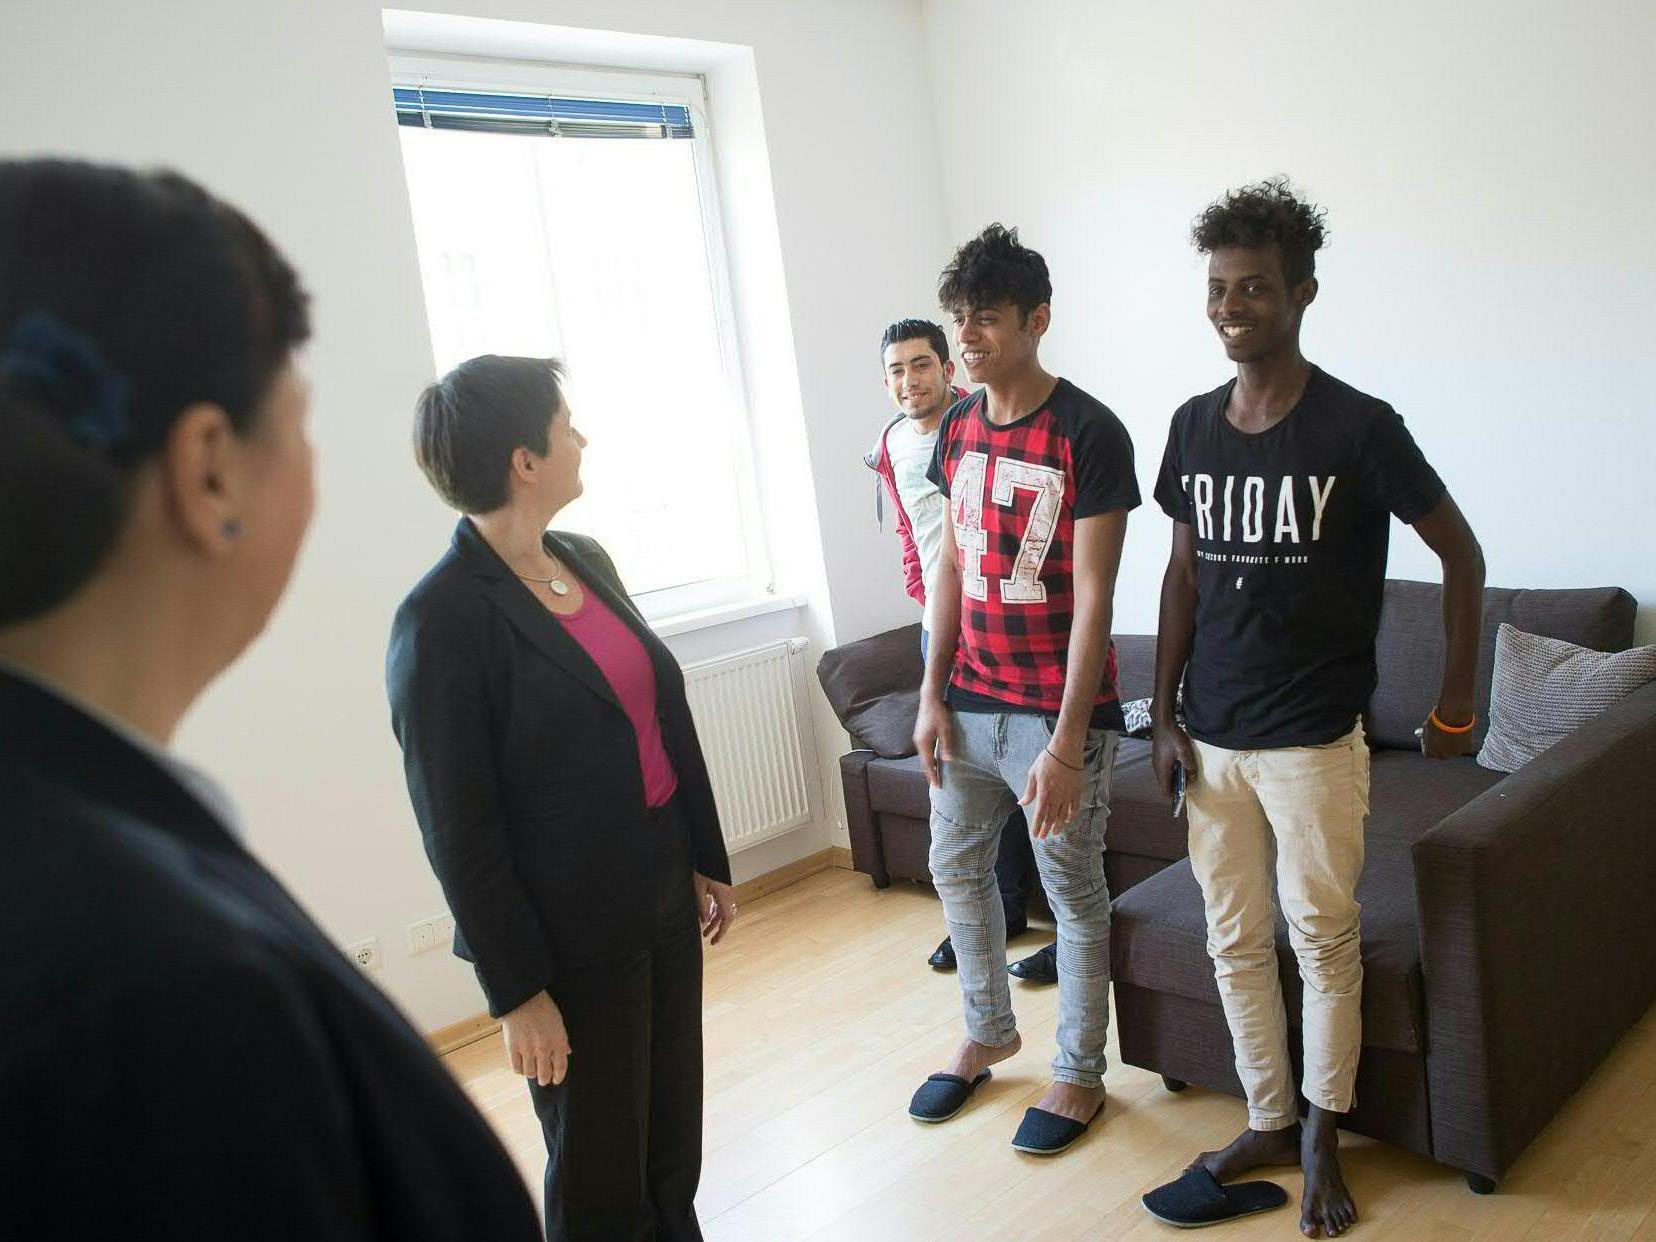 Das SOS-Kinderdorf hat eine neue Unterkunft für jugendliche Flüchtlinge eröffnet.